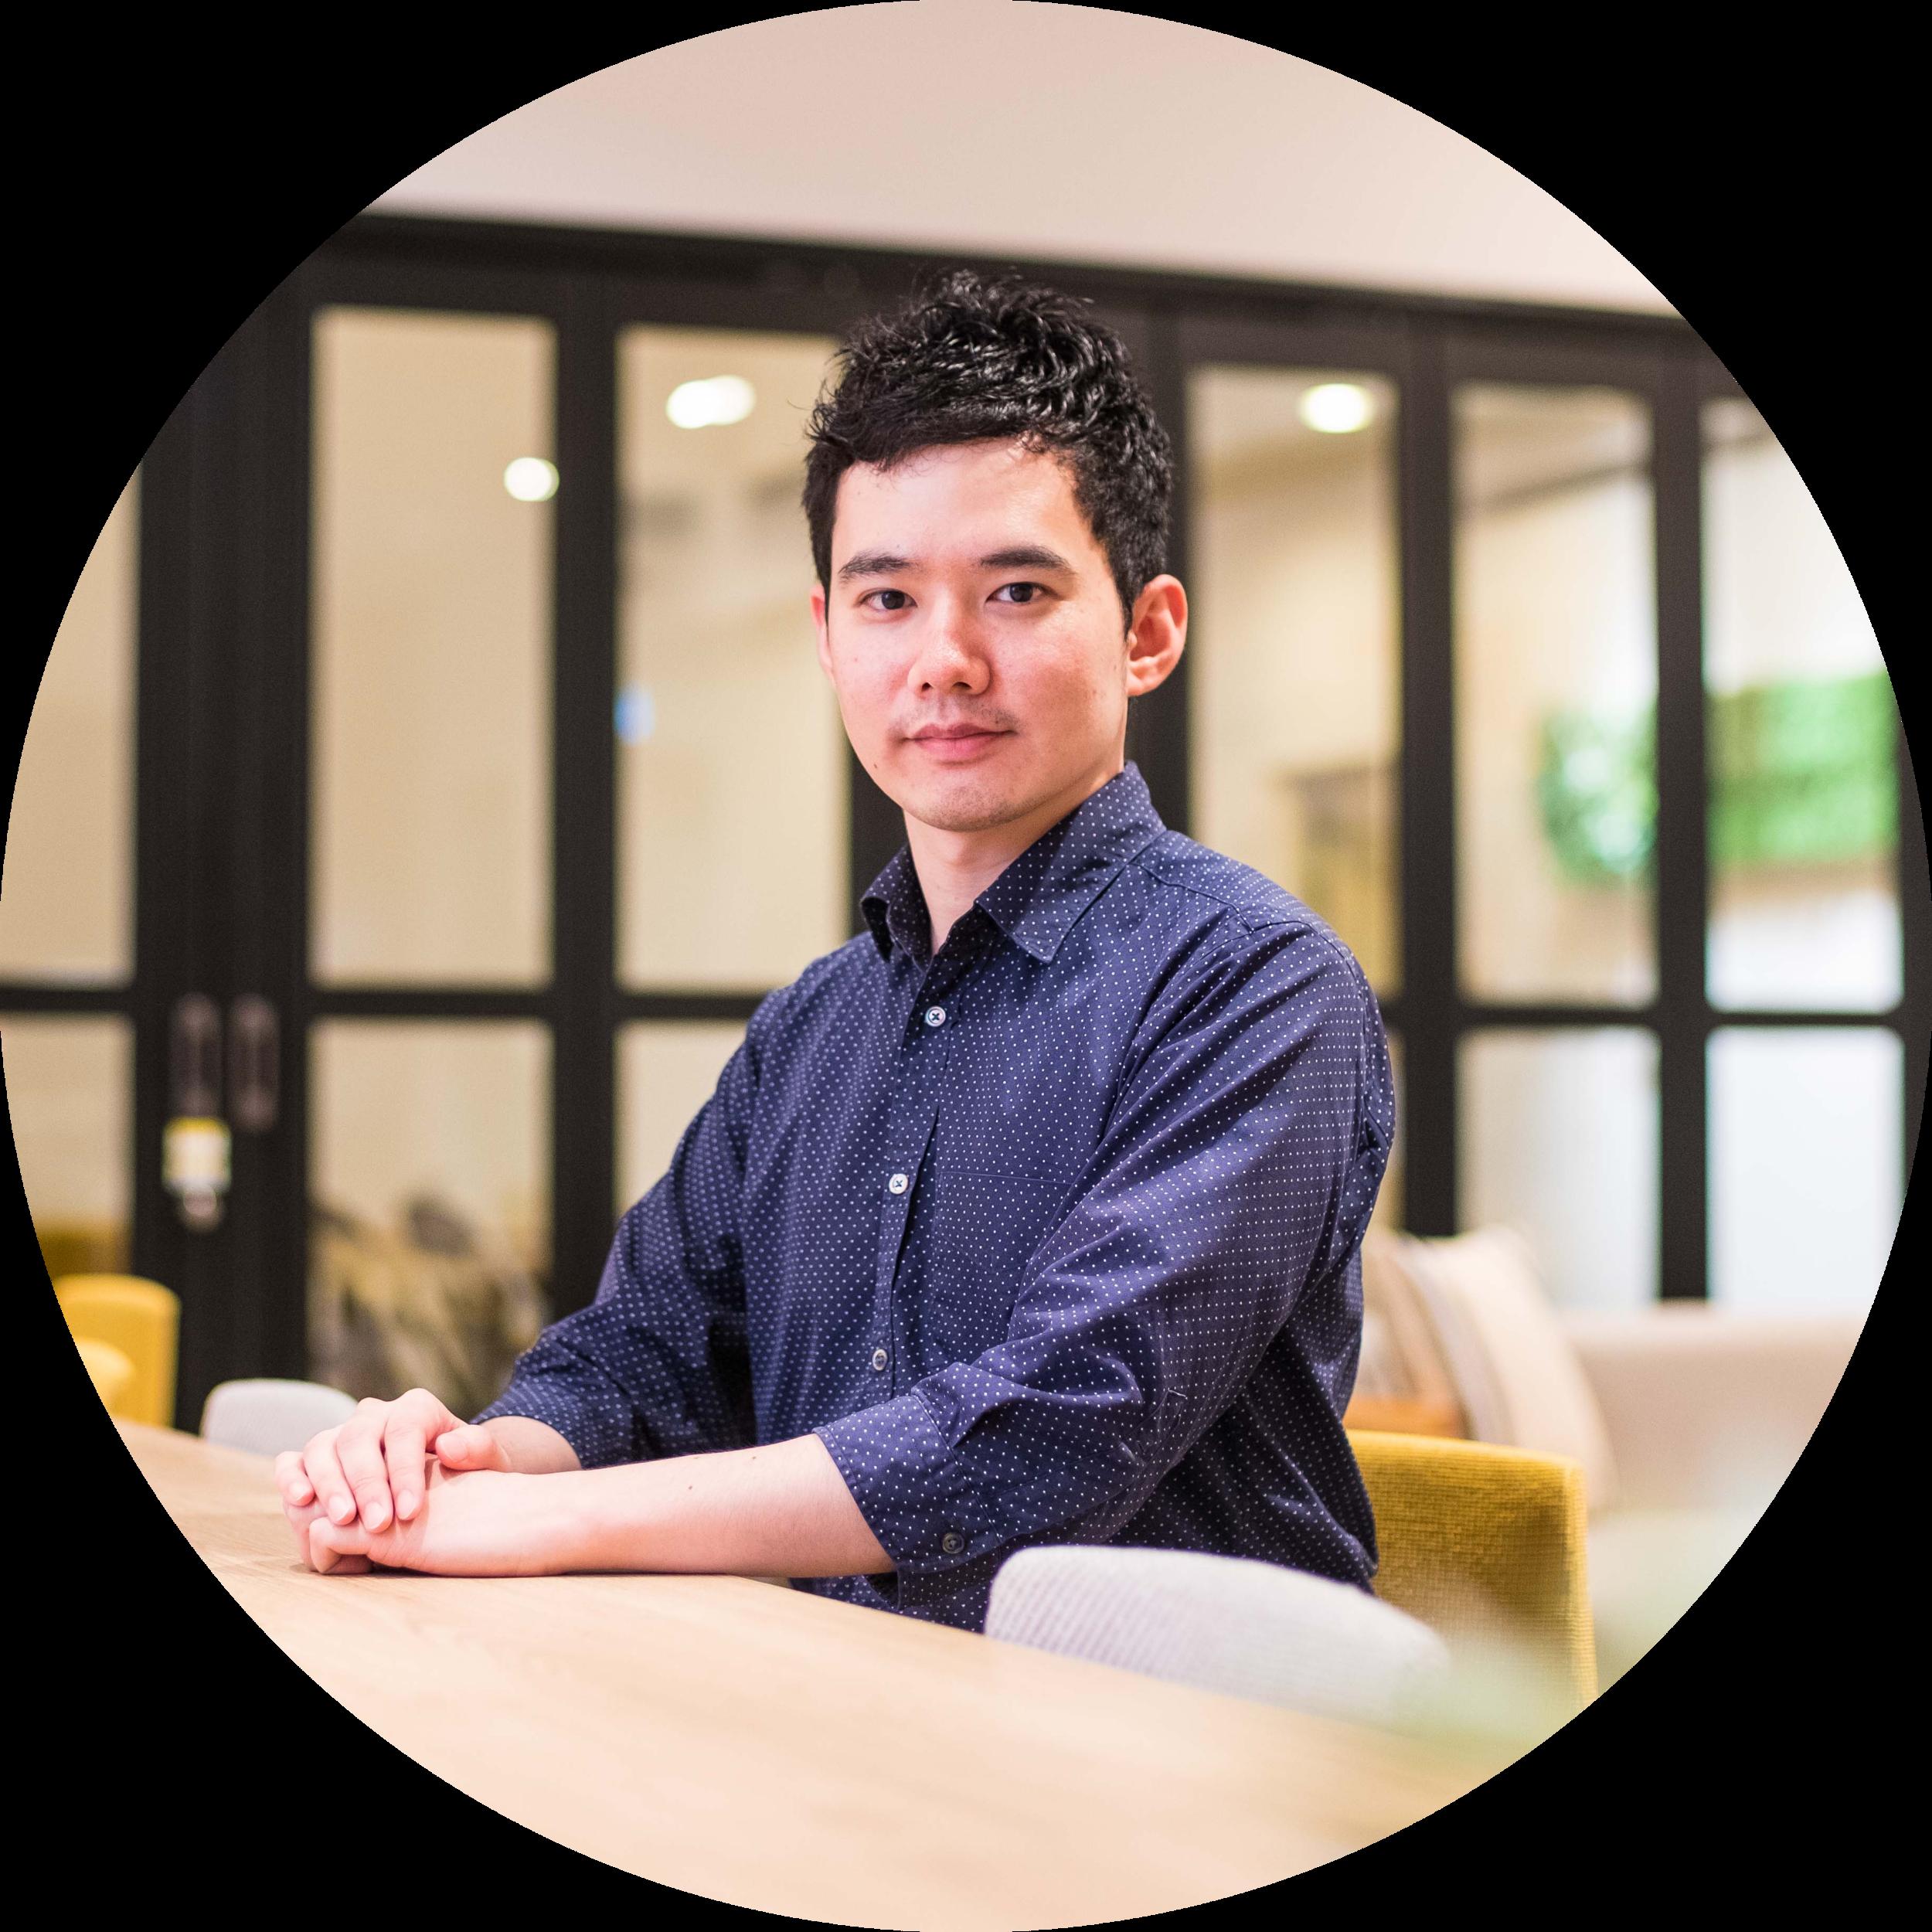 清水 勝也 執行役員 - 大学卒業後、日系IT企業・外資系IT企業に勤務。日系IT企業では訪問医療・地域包括ケアを支援するSaaSシステムを開発し、外資系IT企業では電子カルテ導入業務に従事。